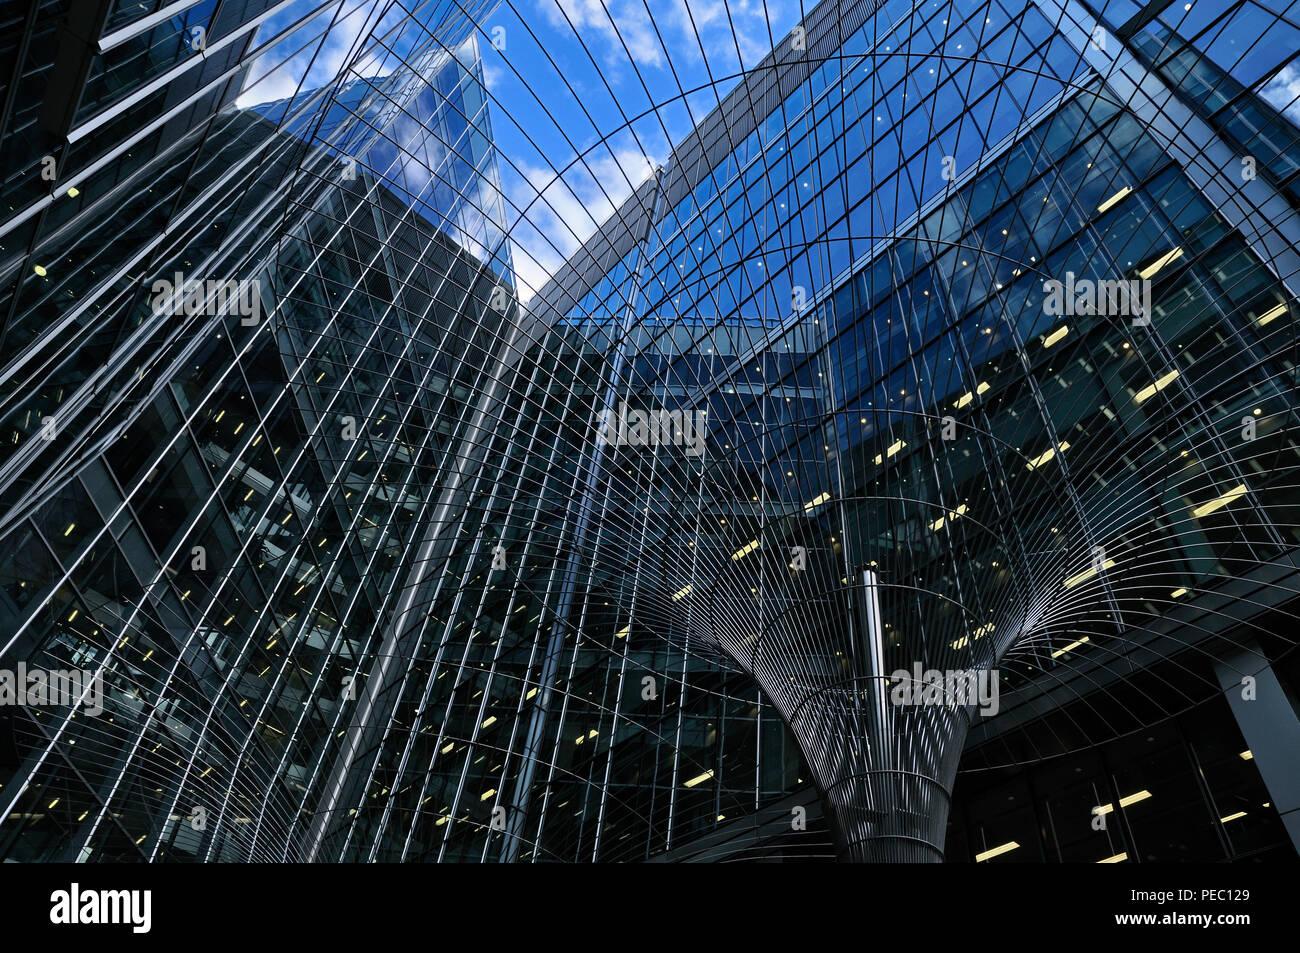 Résumé de l'architecture contemporaine d'immeubles de bureaux en verre, London, England, UK Photo Stock